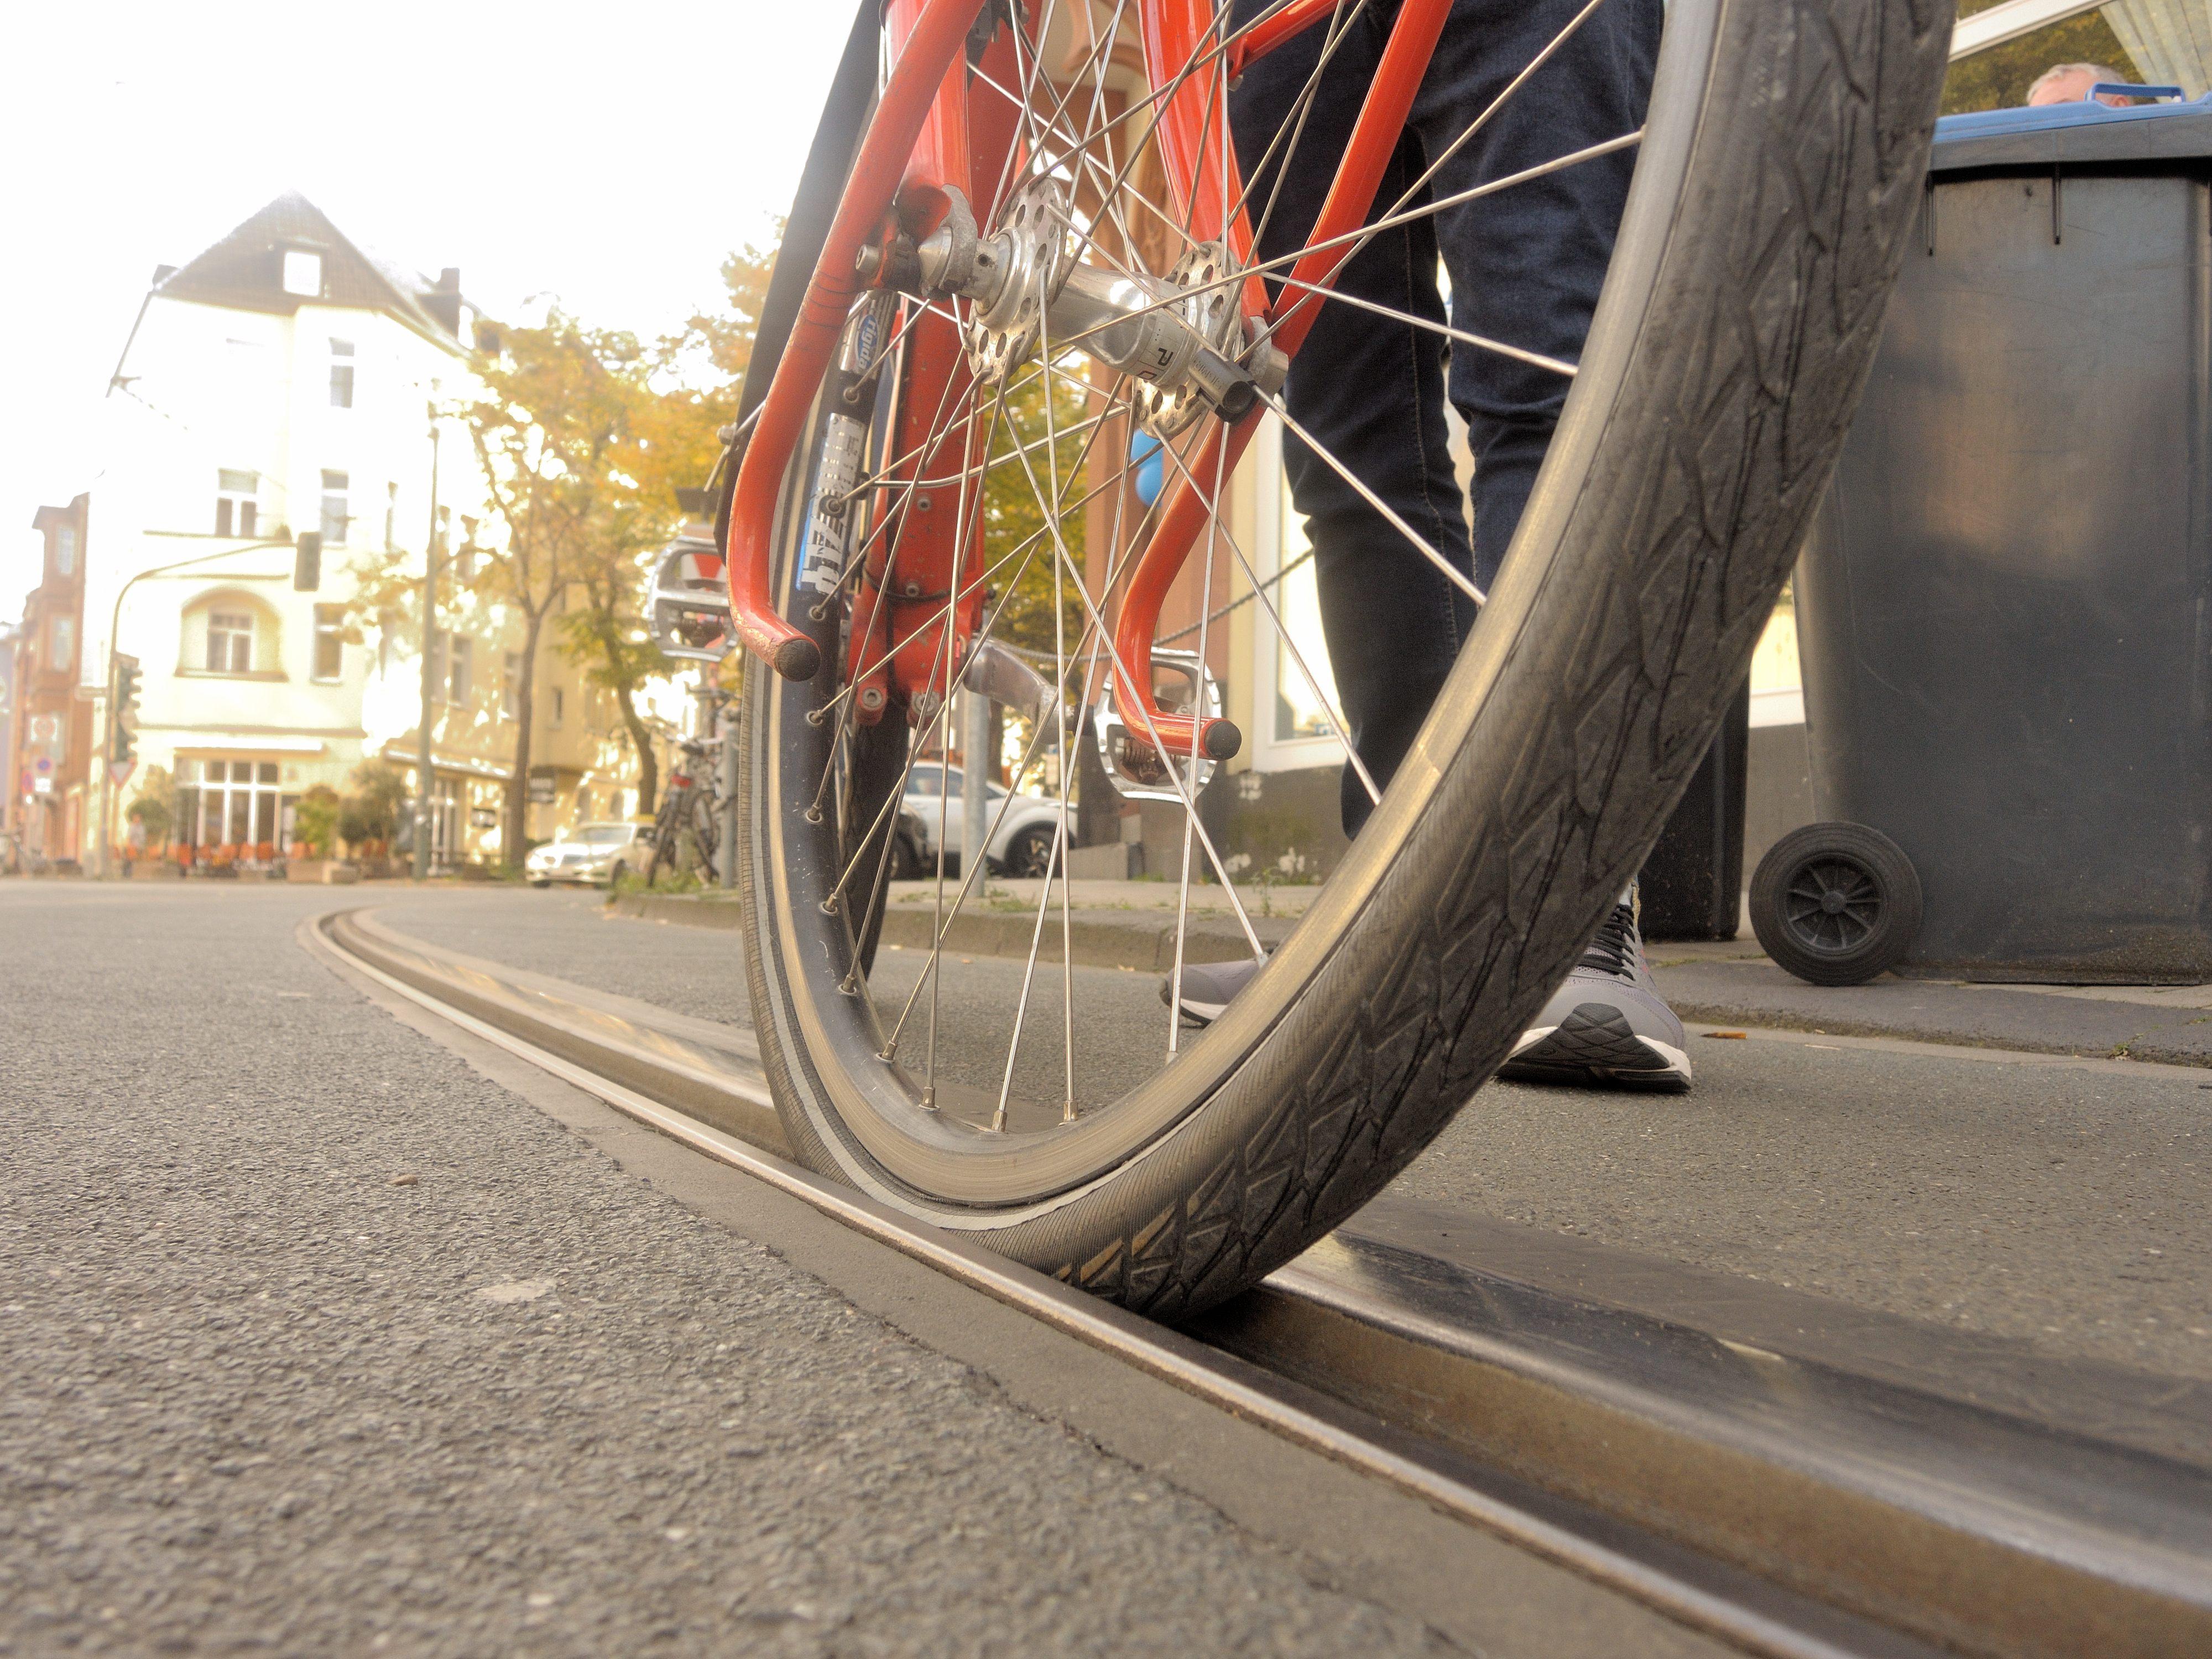 Je schmaler der Reifen, desto gefährlicher: Straßenbahnschienen könnten jetzt entschärft werden.